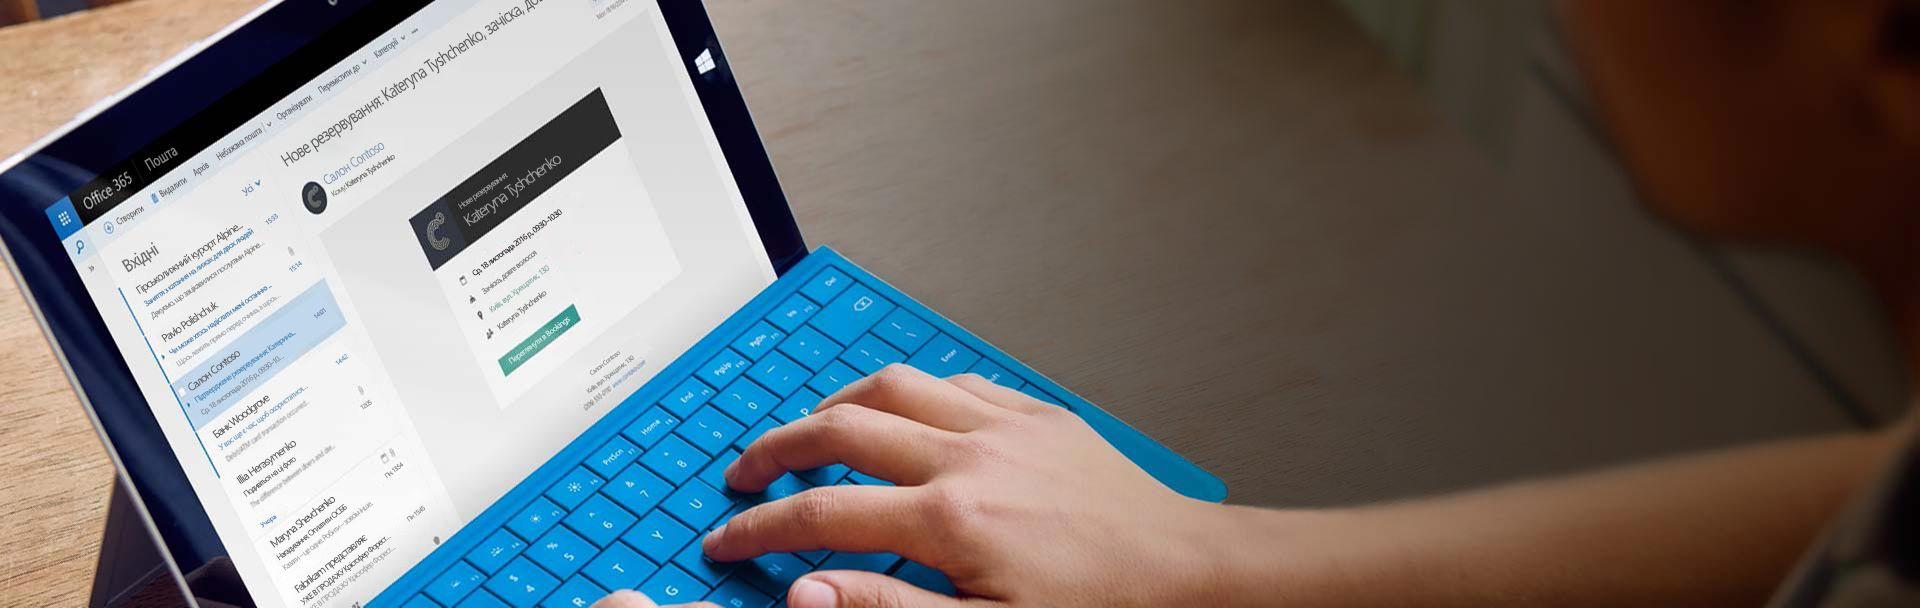 Планшет, на якому відкрито електронний лист із нагадуваннями про зустріч в Office 365 Bookings.